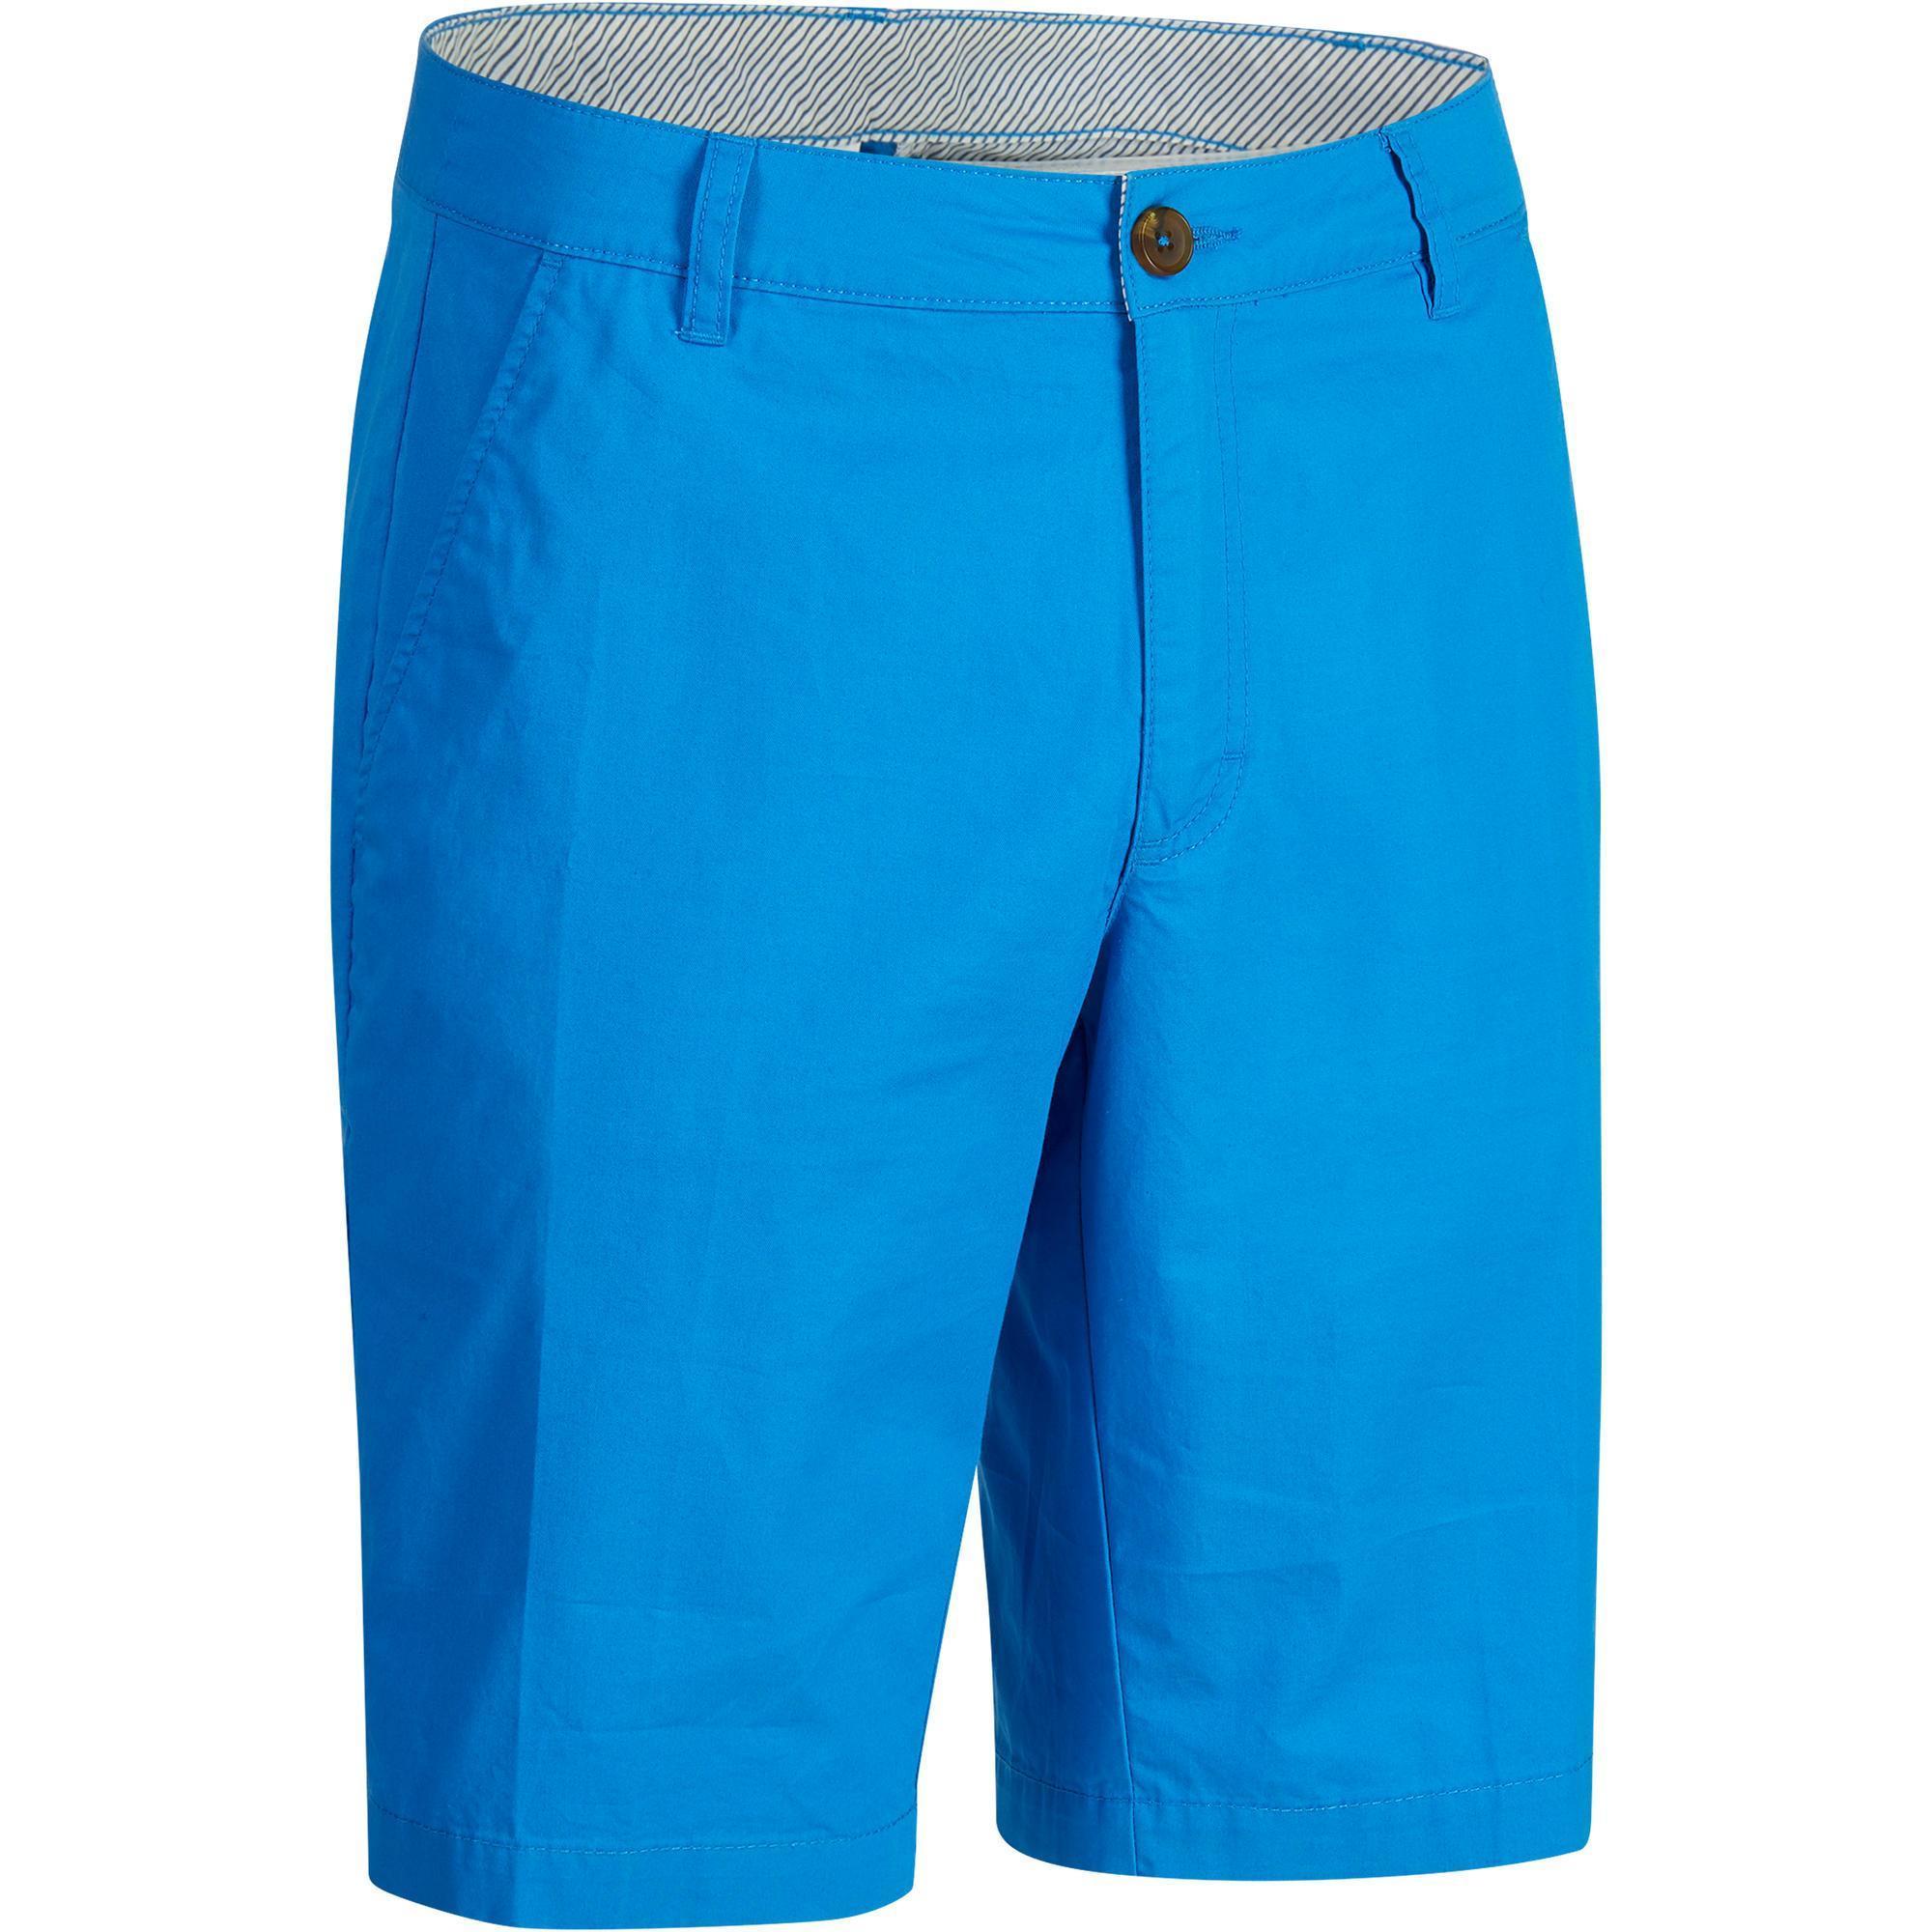 Inesis Golfbermuda 500 voor heren, zacht weer, blauw